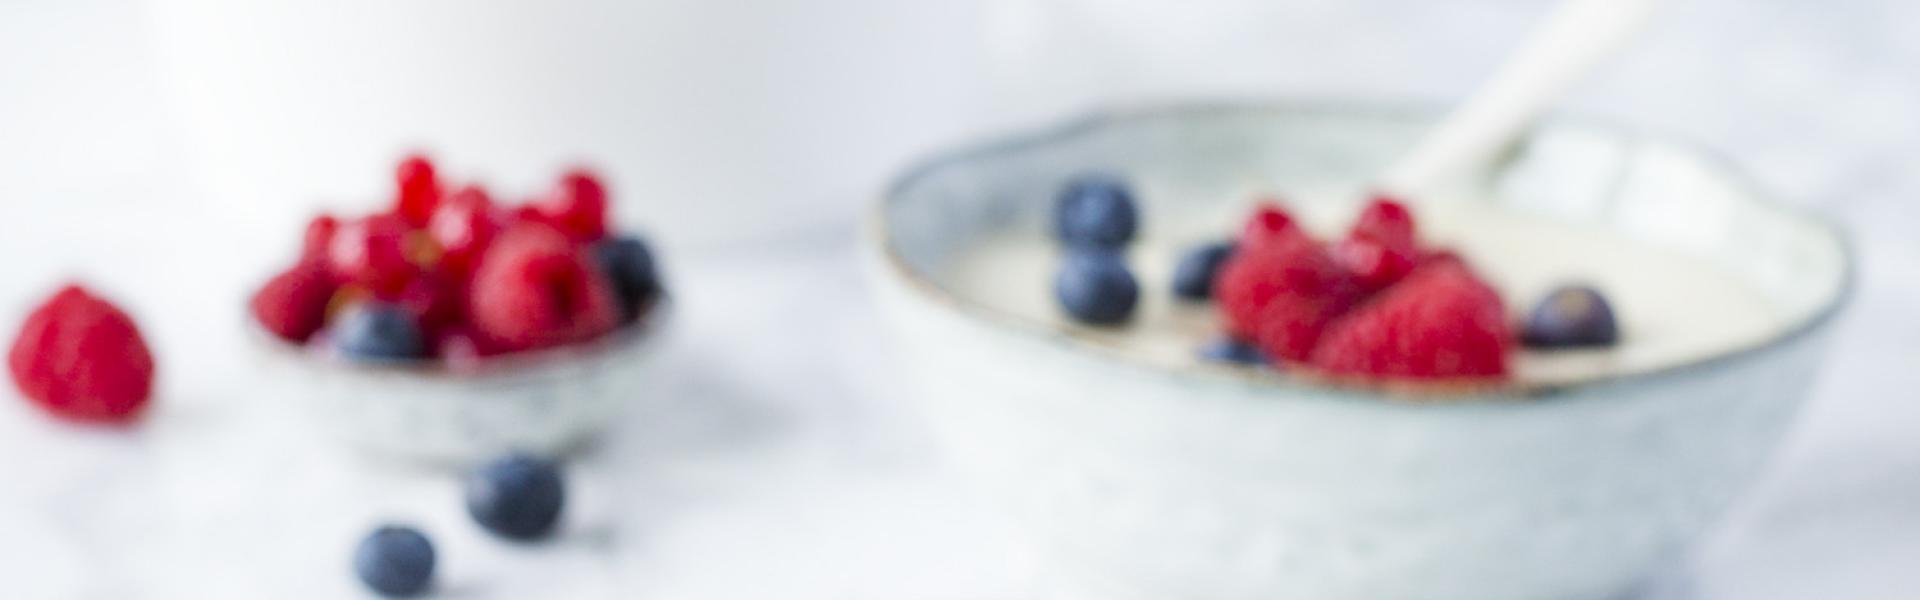 Grießbrei ohne Ei in Schüssel und mit Beeren dekoriert.